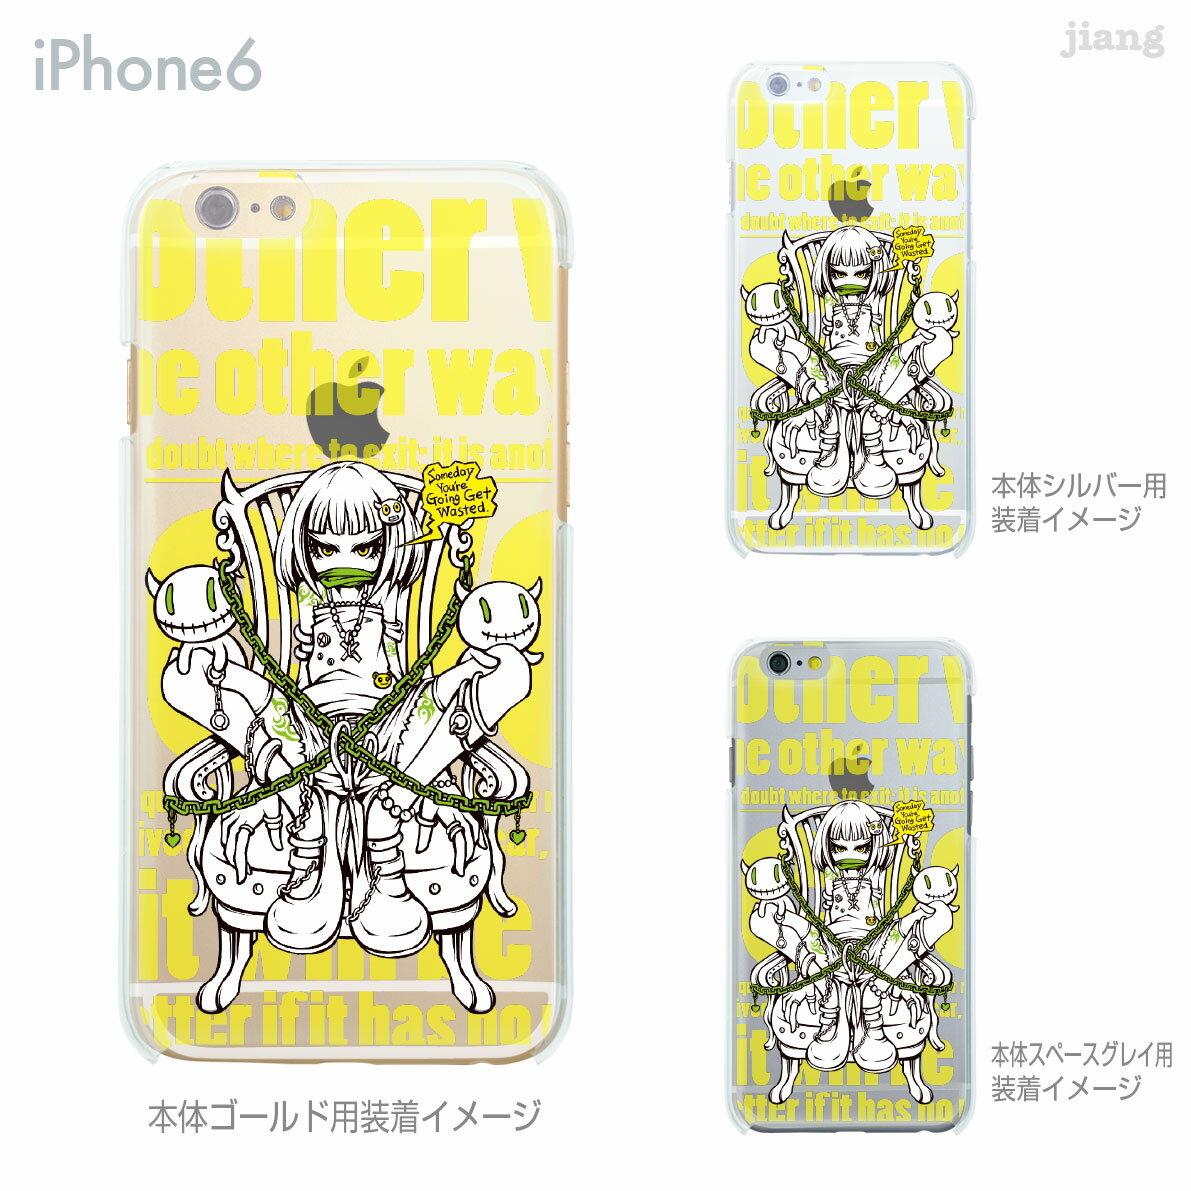 iPhoneX iPhone X ケース iPhone8 iPhone7ケース iPhone7 Plus iPhone6s iPhone6 Plus iphone ハードケース Clear Arts ケース カバー スマホケース クリアケース Project.C.K. HELP 11-ip6-ca0016-s